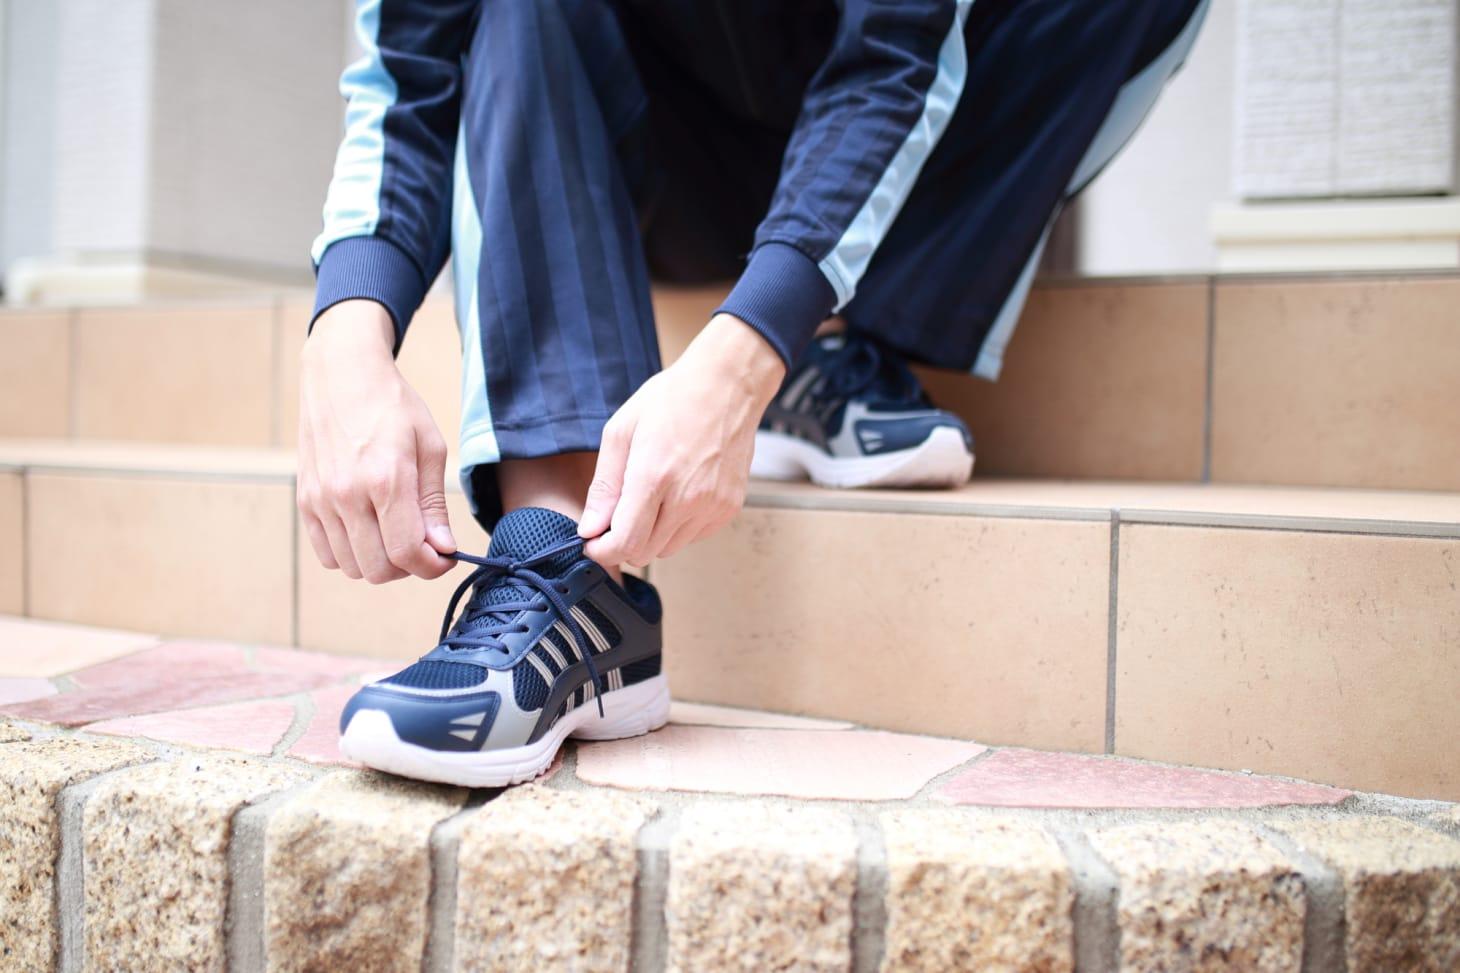 介護職員に適した靴とは?選び方をご紹介!